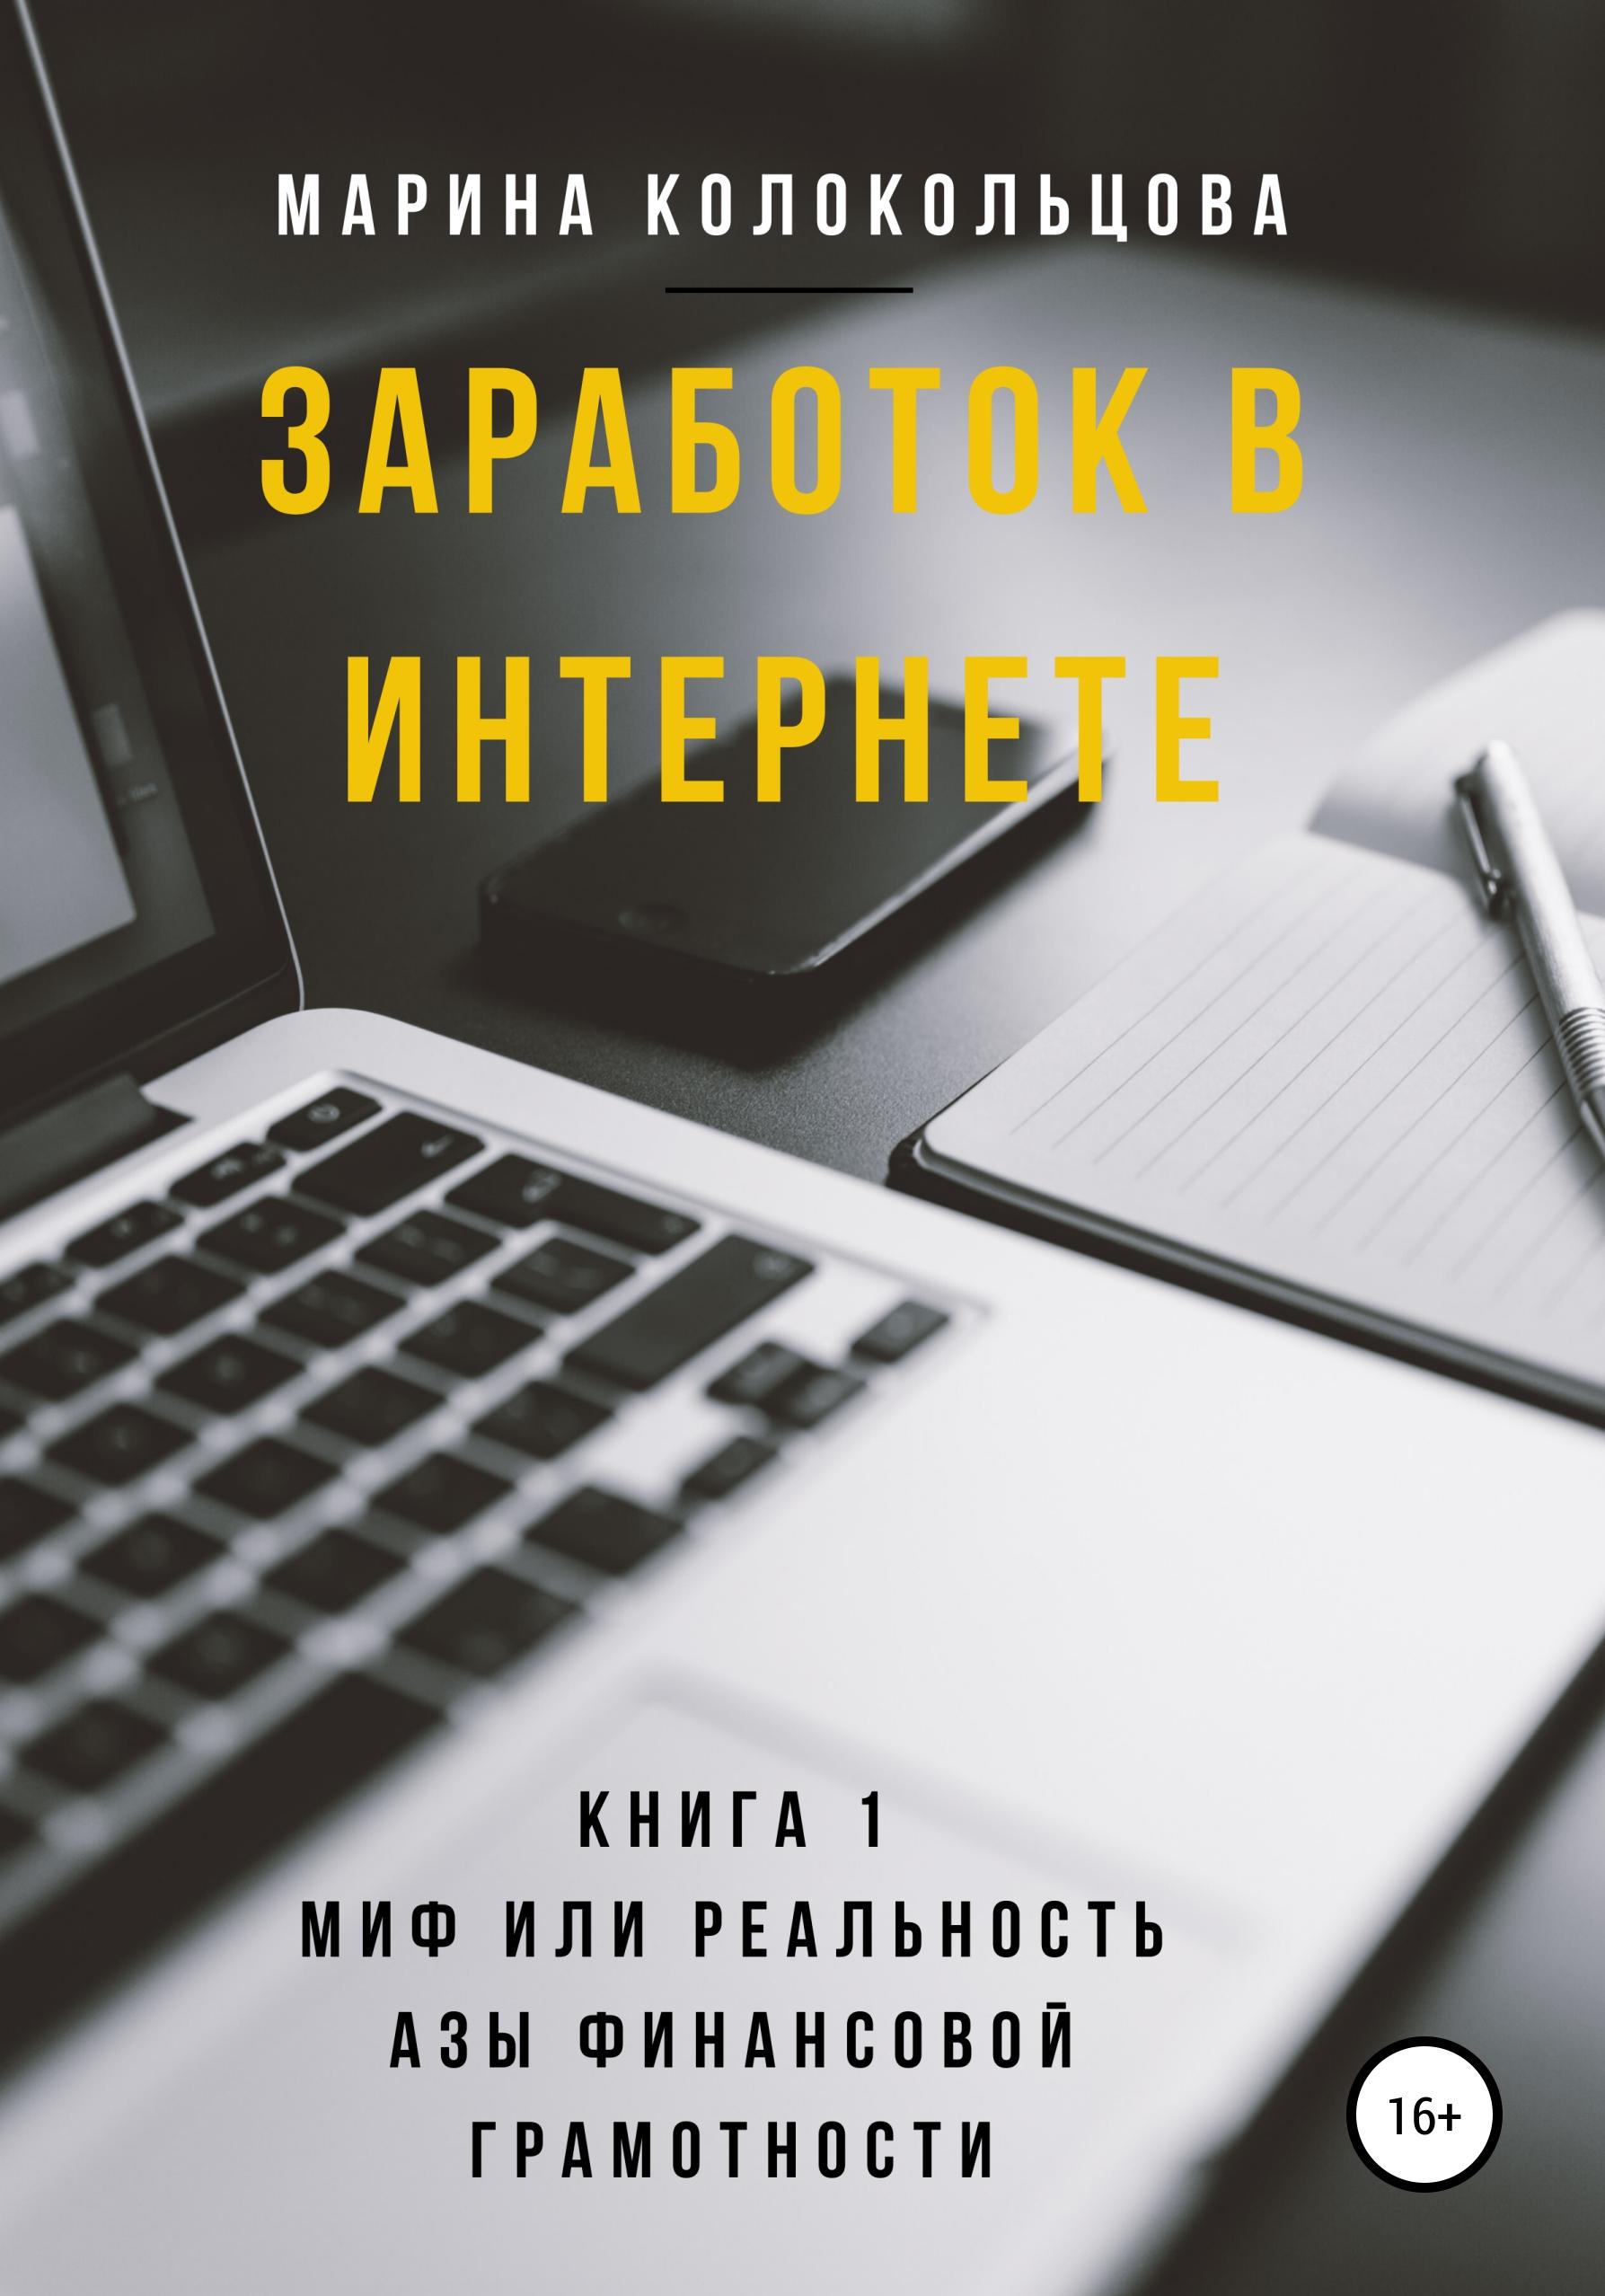 Марина Колокольцова Заработок в интернете. Книга 1. Миф или реальность. Азы финансовой грамотности